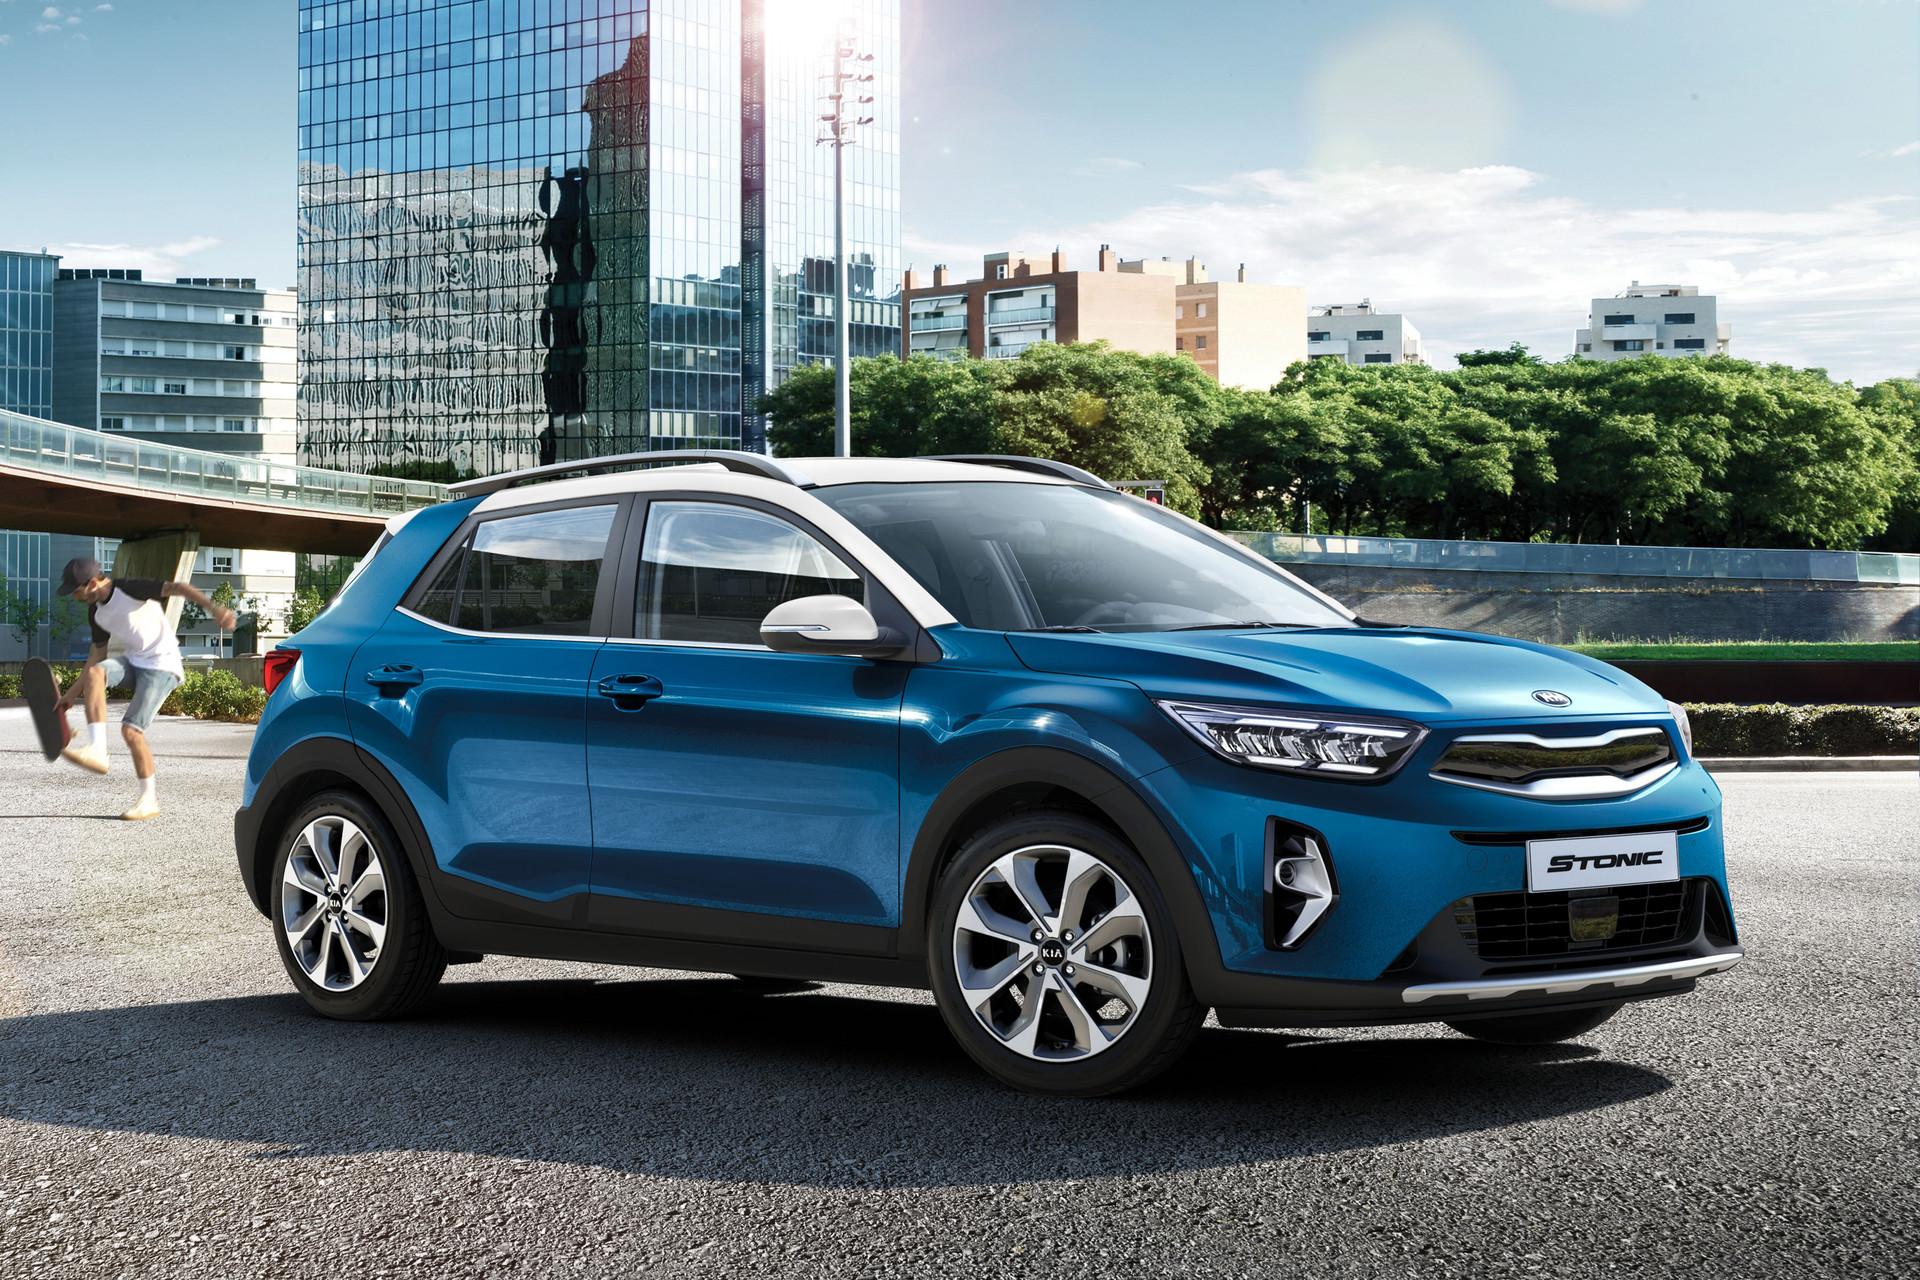 Nieuws Vernieuwde Kia Stonic Nu Ook Als Milde Hybride Autokopen Nl